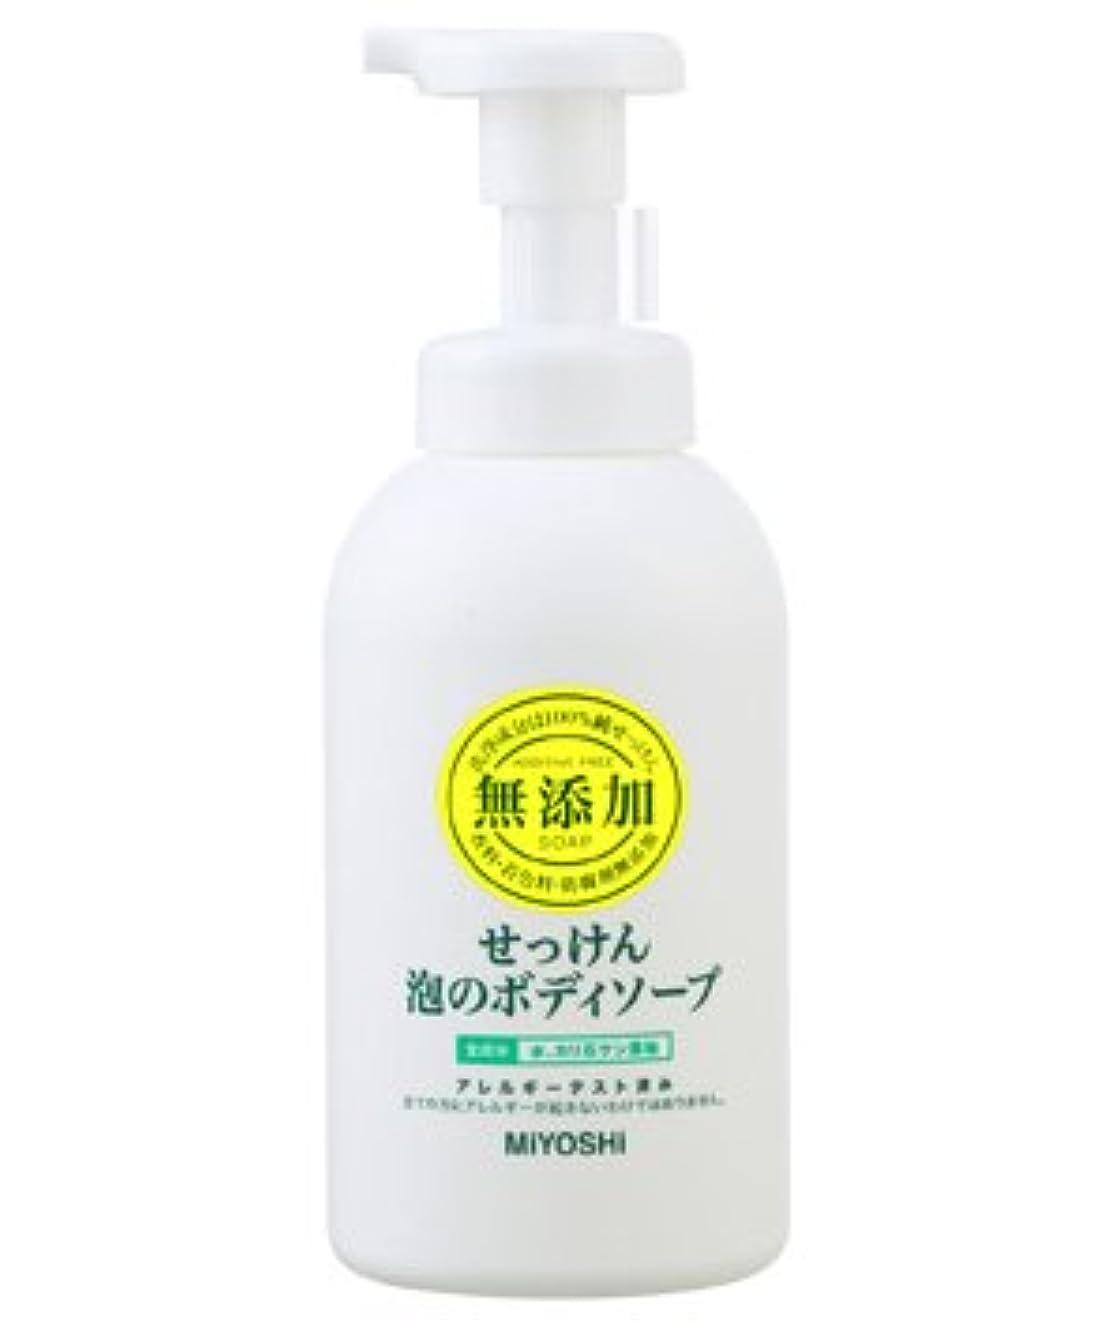 年金誘う下にミヨシ石鹸 無添加 せっけん 泡のボディソープ 500ml(無添加石鹸)×15点セット (4537130101544)